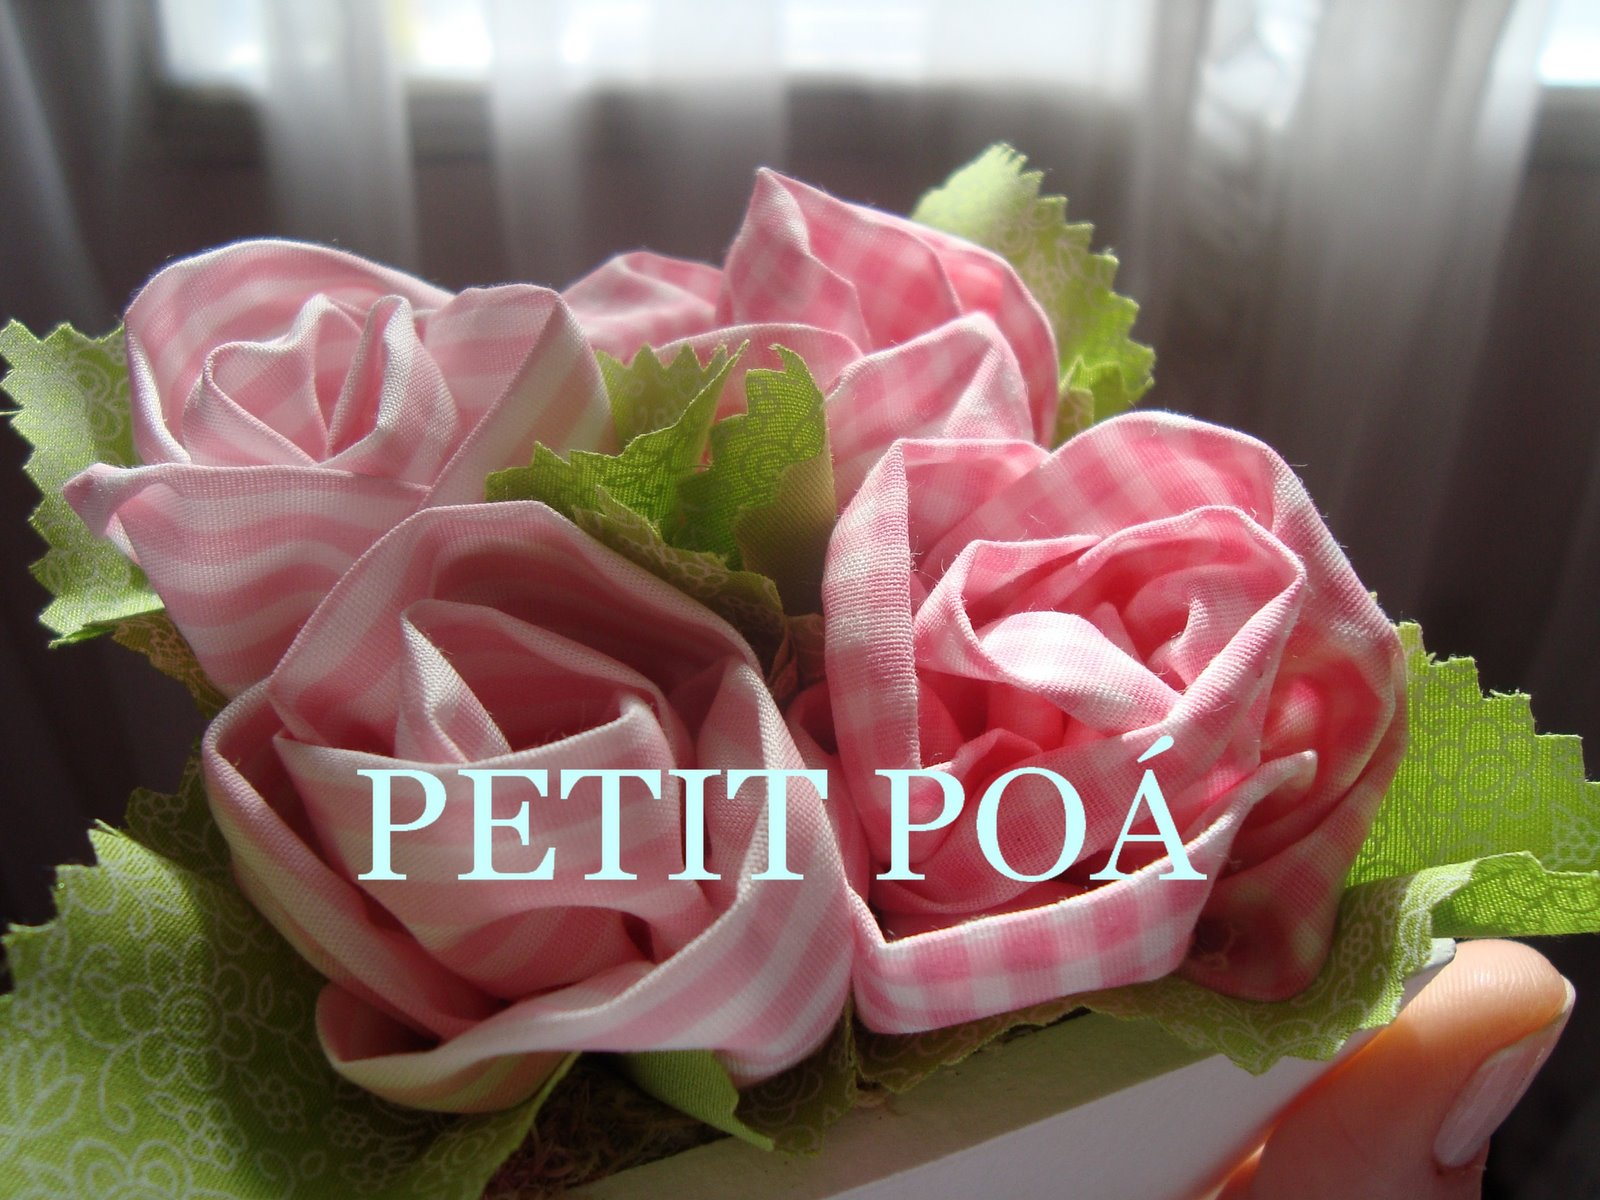 Vasos De Flores Vetores e Fotos Baixar gratis Freepik - Fotos De Vasos Com Flores